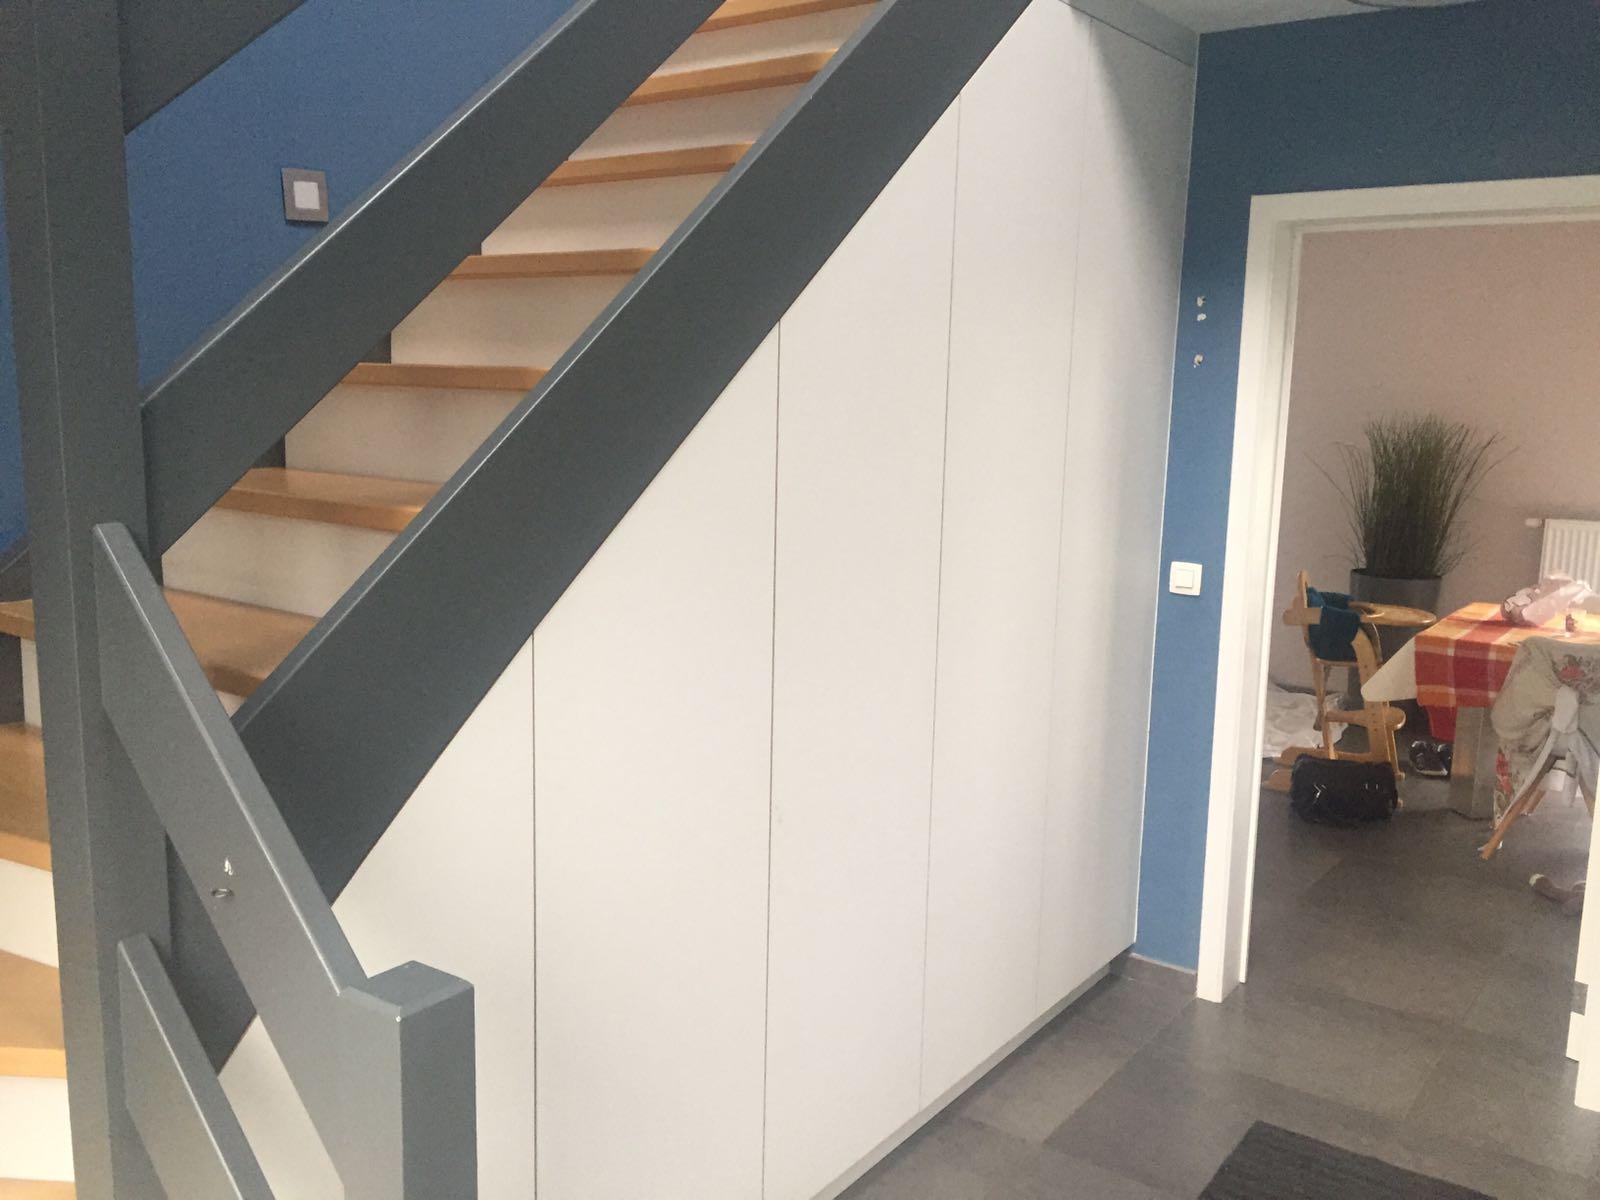 Keuken Onder Trap : Kasten design by devos